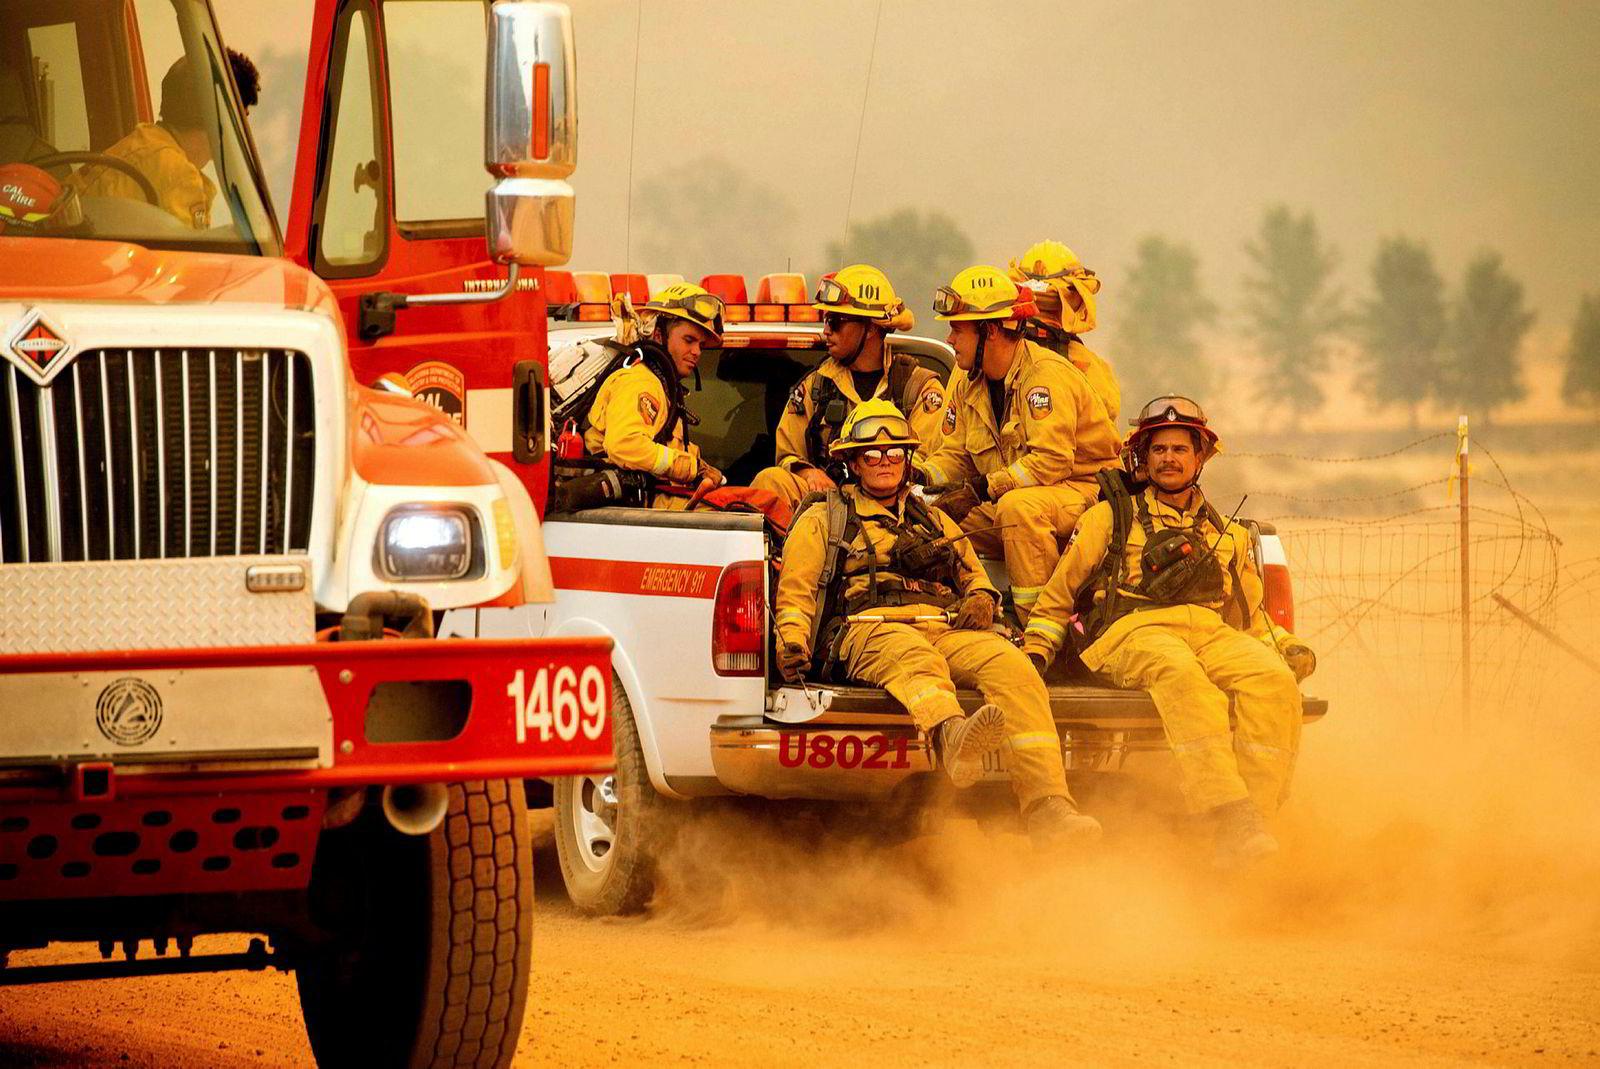 Et brannmannskap sitter bakpå en pickup mens de kjemper mot Ranch-brannen nær Clearlake Oaks.